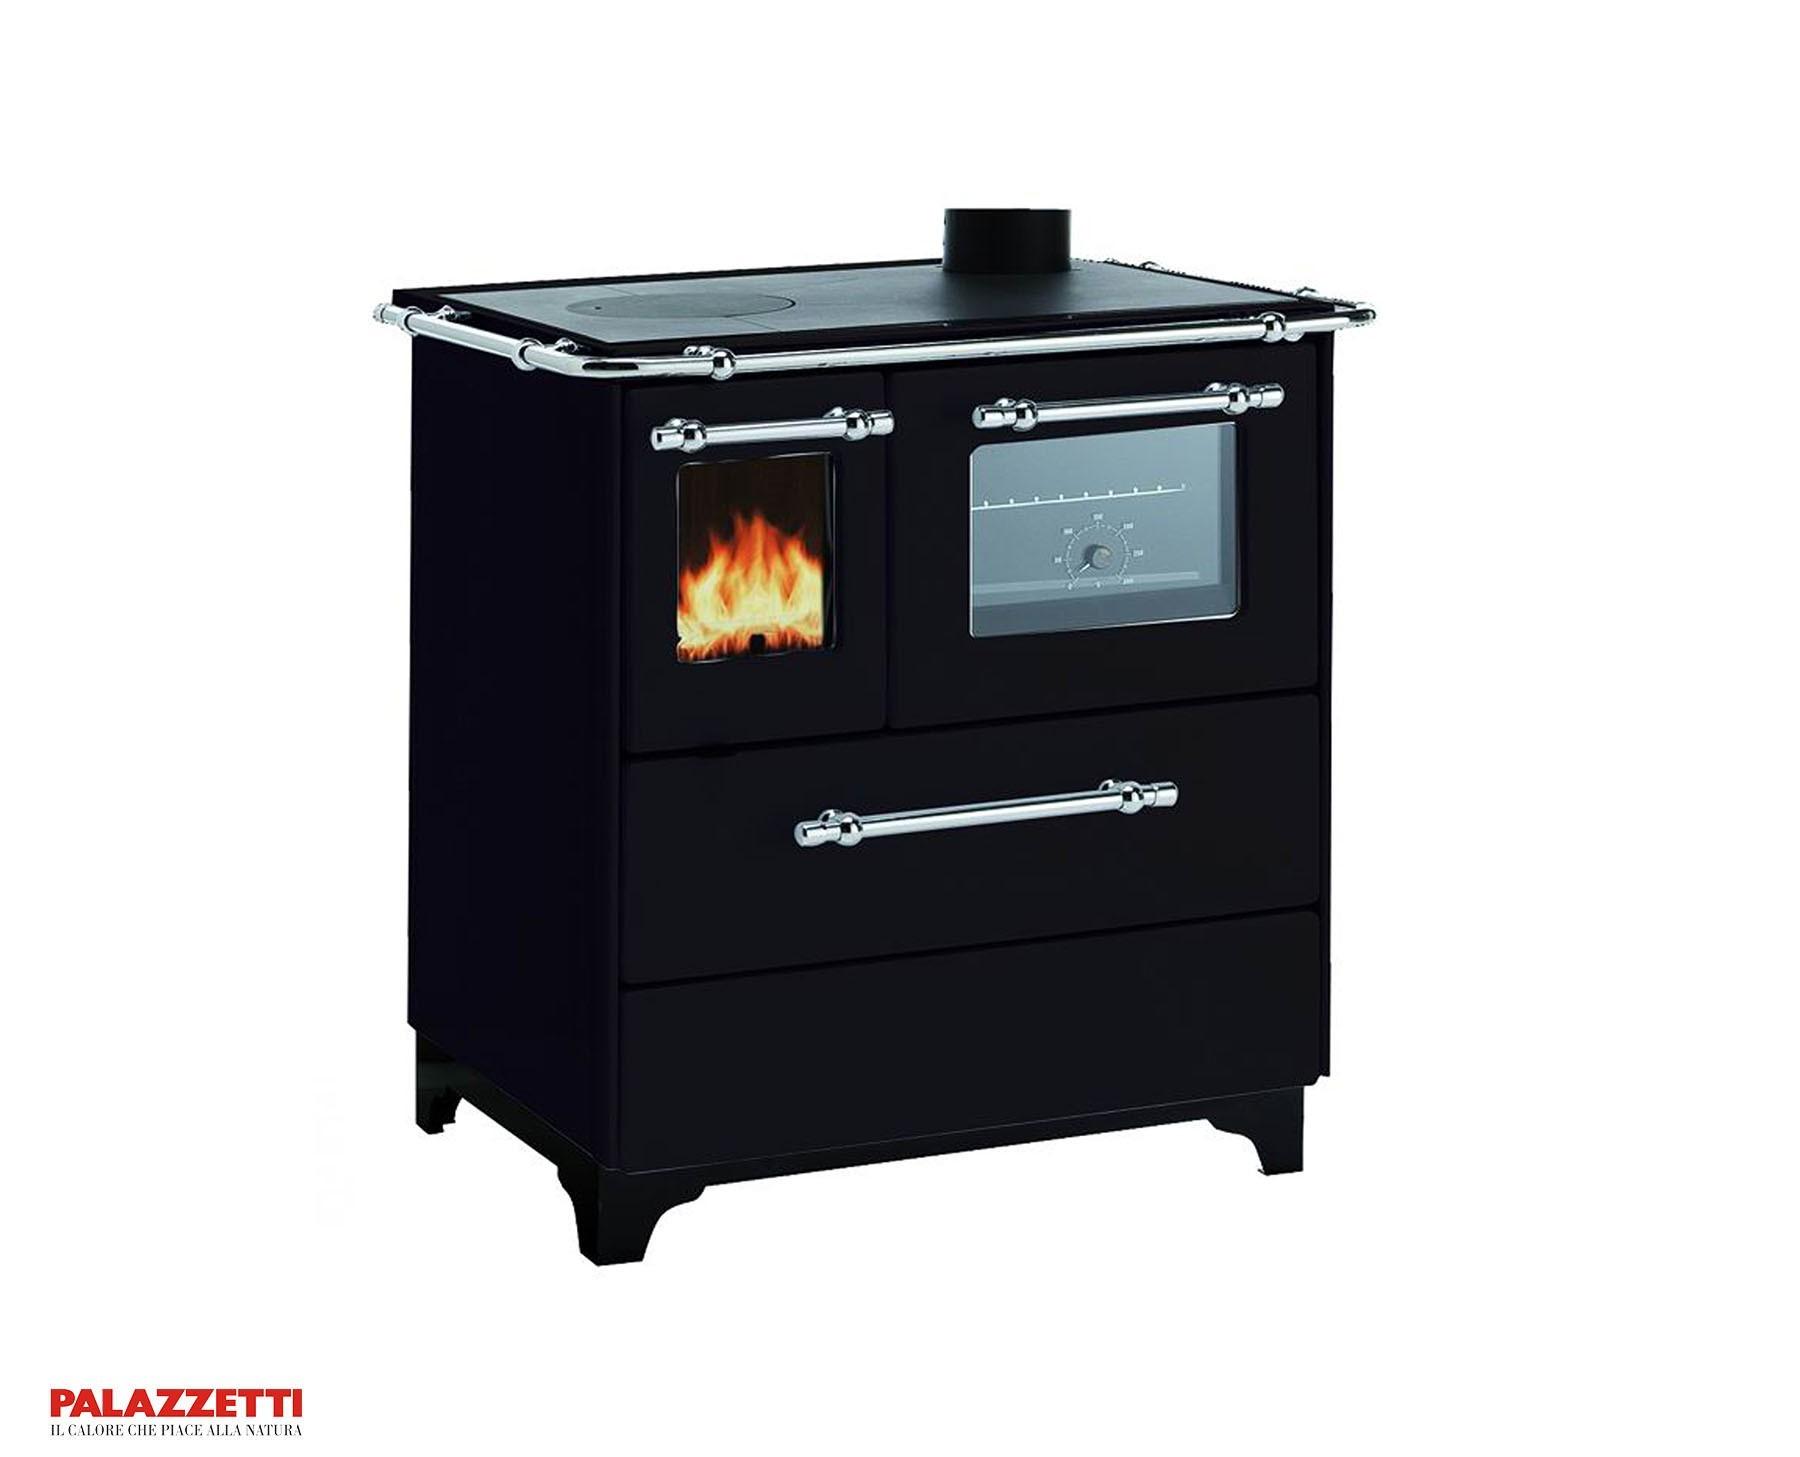 Cucina a legna PALAZZETTI ALBA 3,5 - SteldoShop